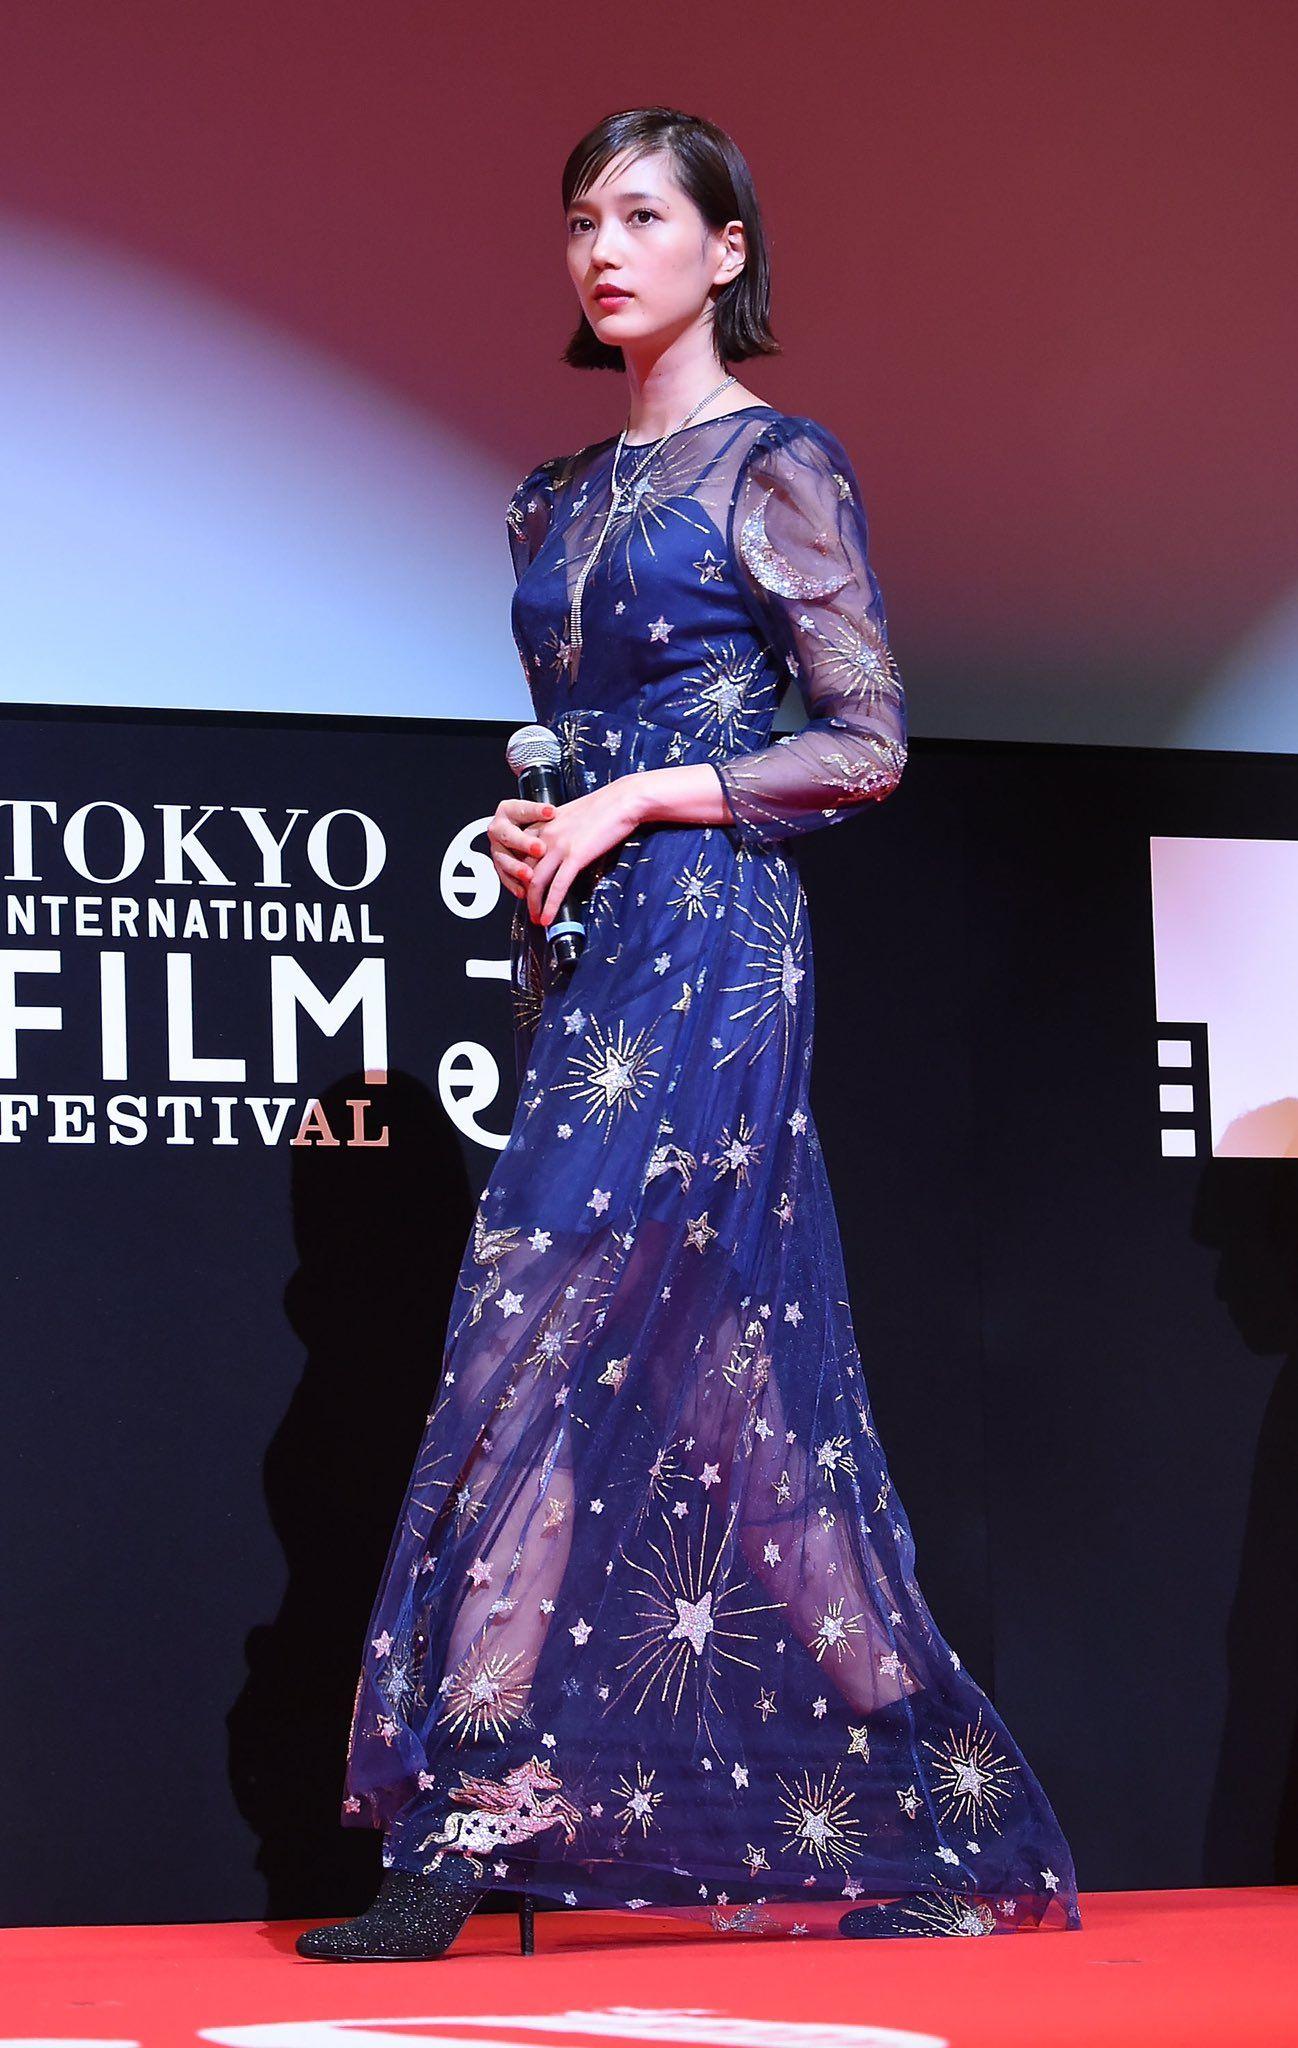 elle cinema japan on twitter tsubasa honda tsubasa formal dresses long